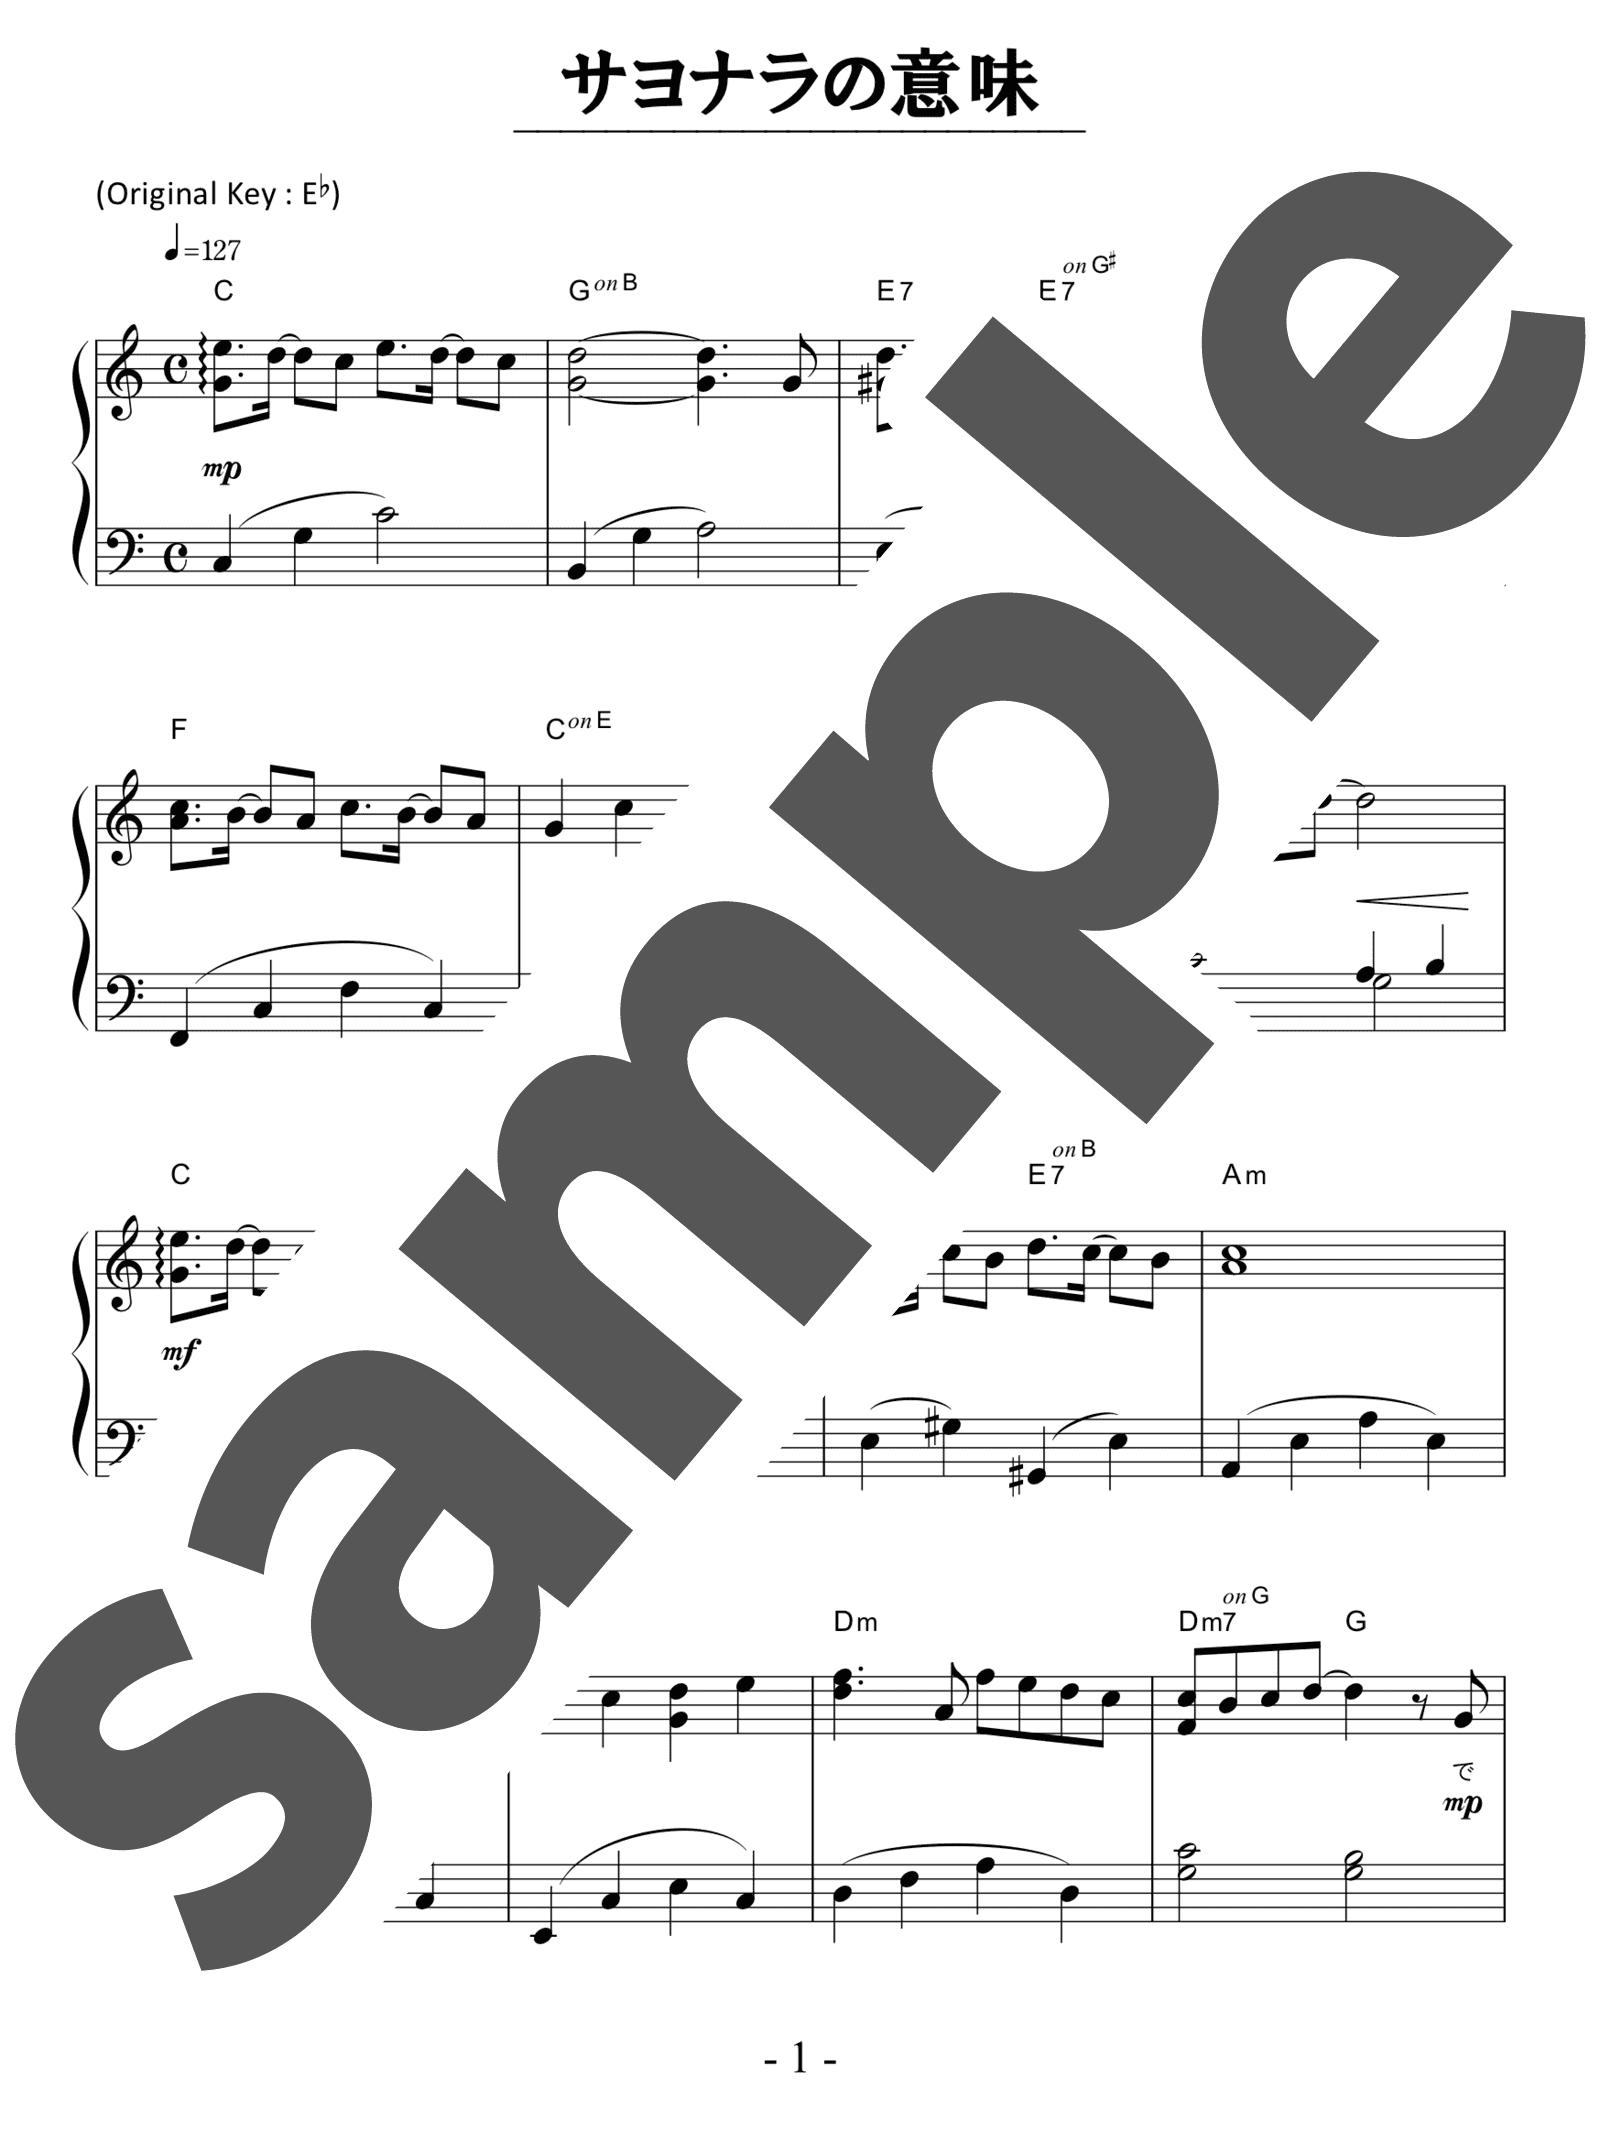 「サヨナラの意味」のサンプル楽譜